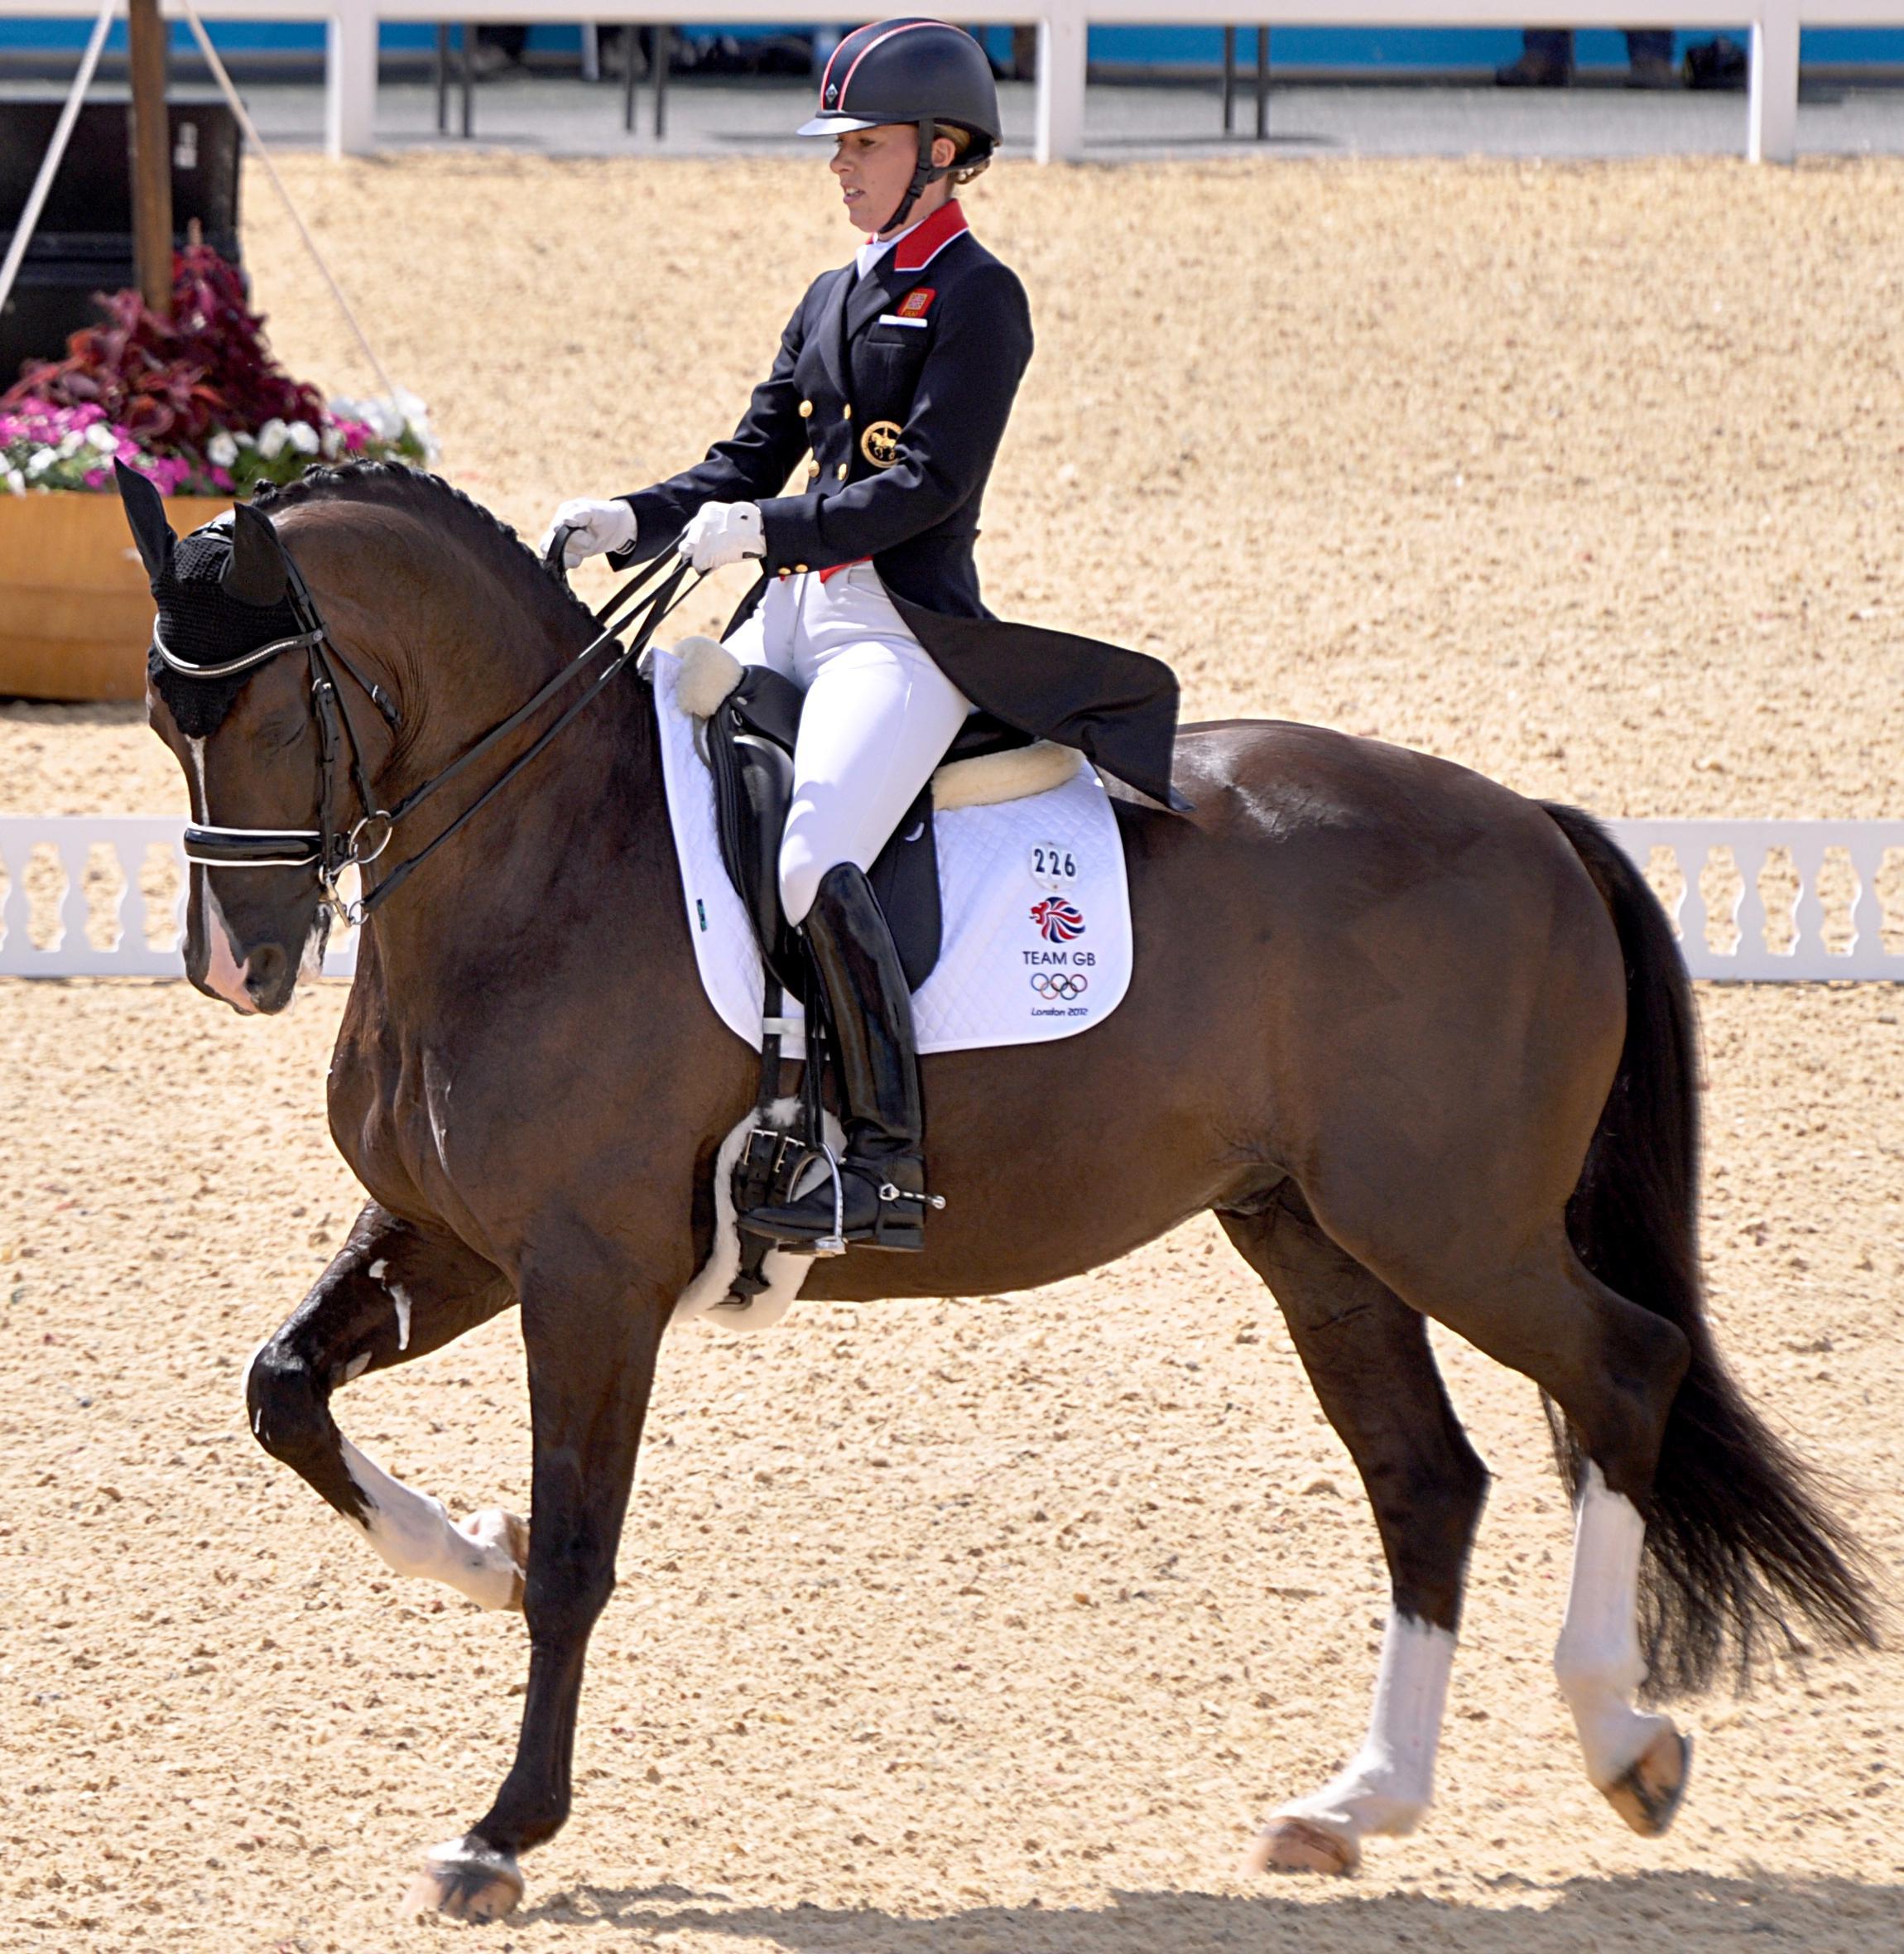 Concours dressage olympique (équitation)